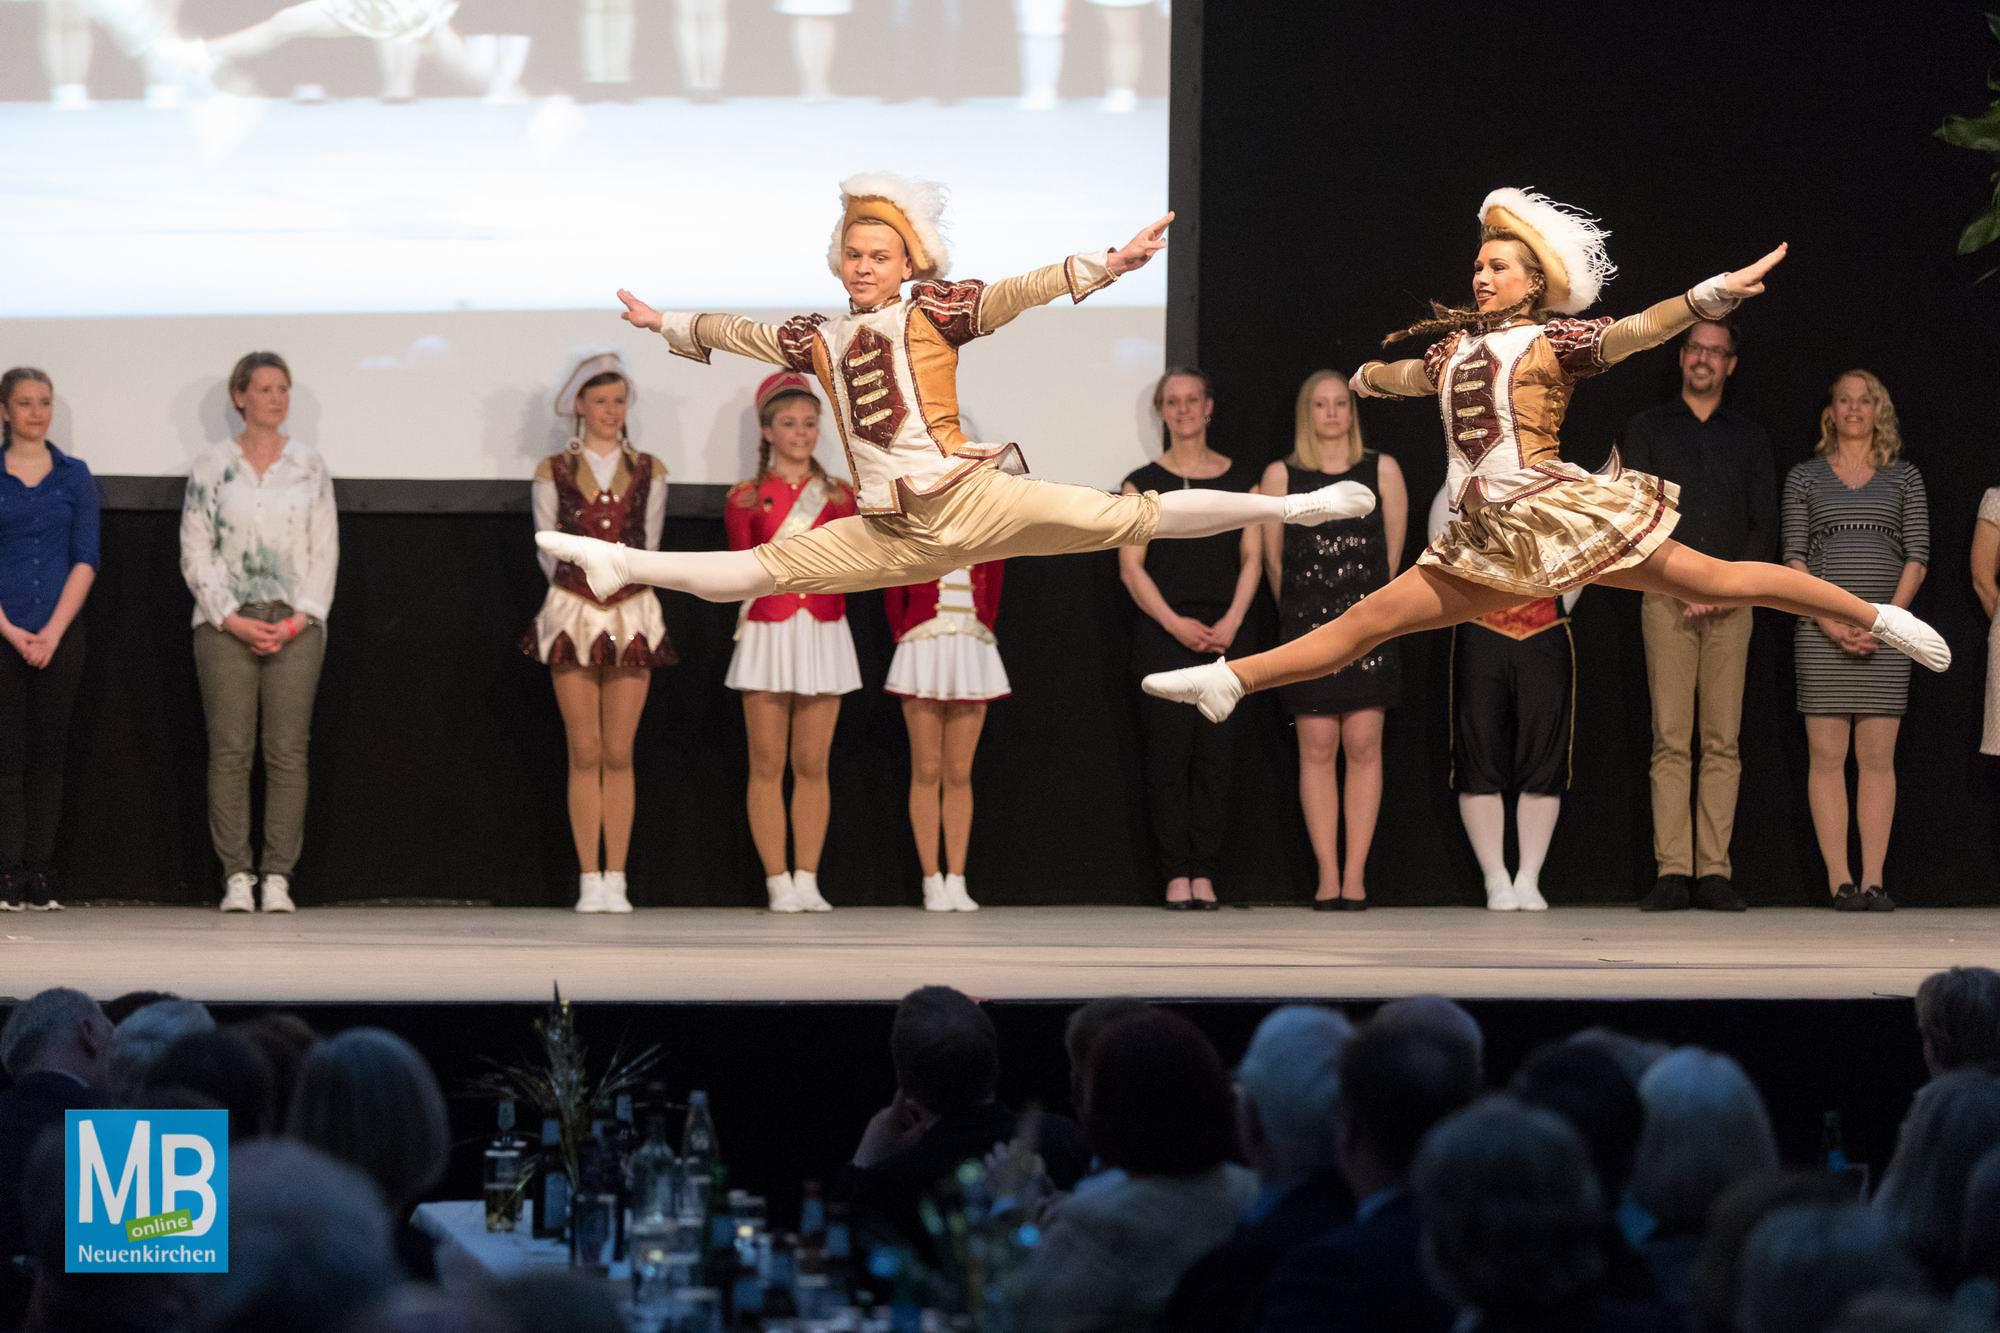 Gala-Abend 50 Jahre Rote Husaren